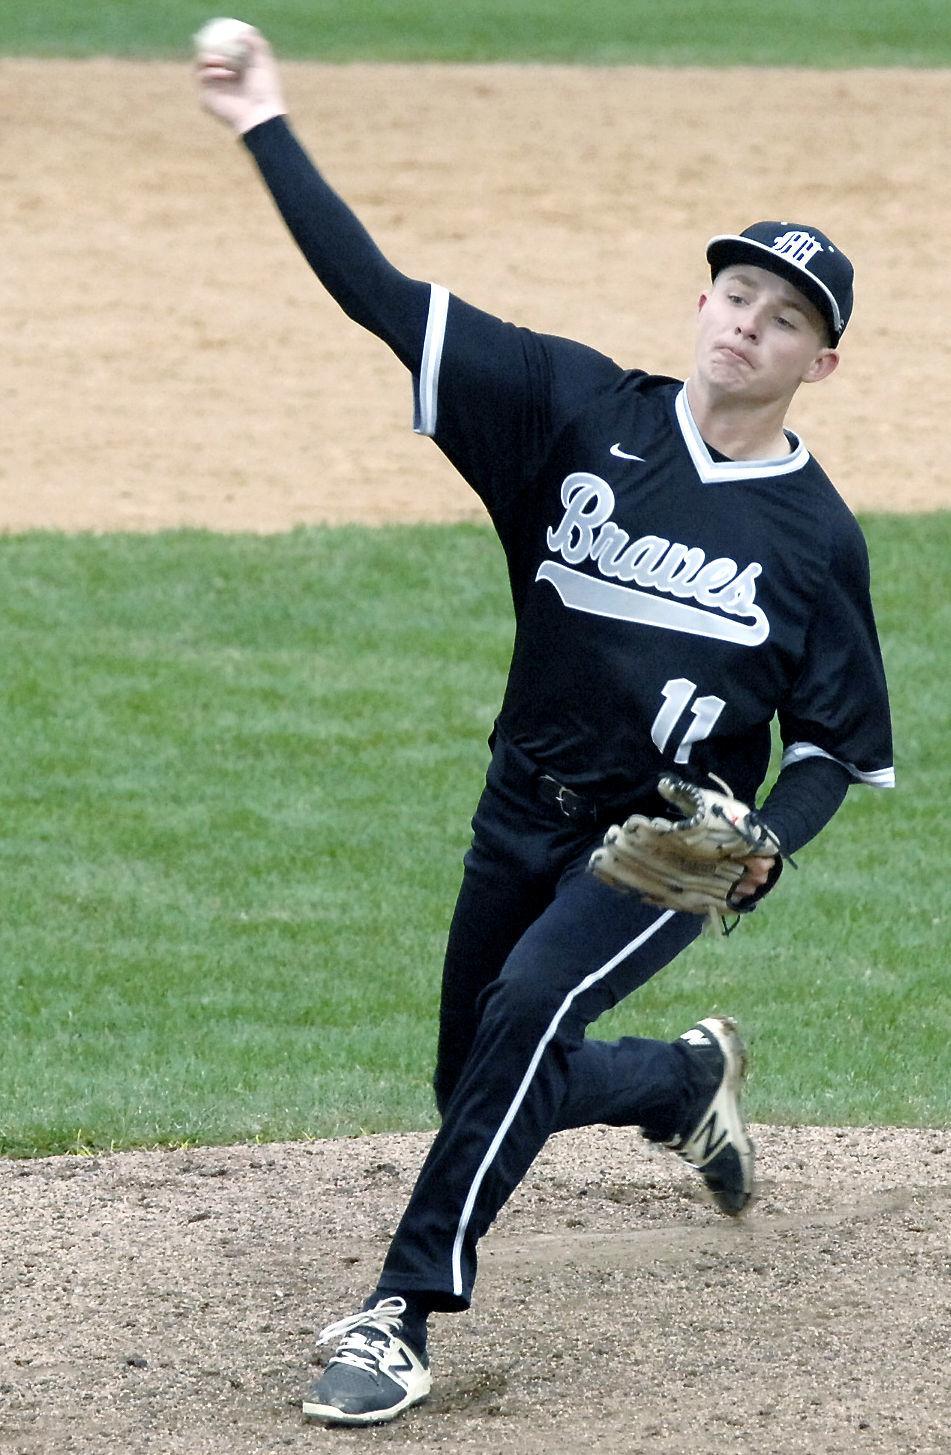 051118-spt-mdn-baseball